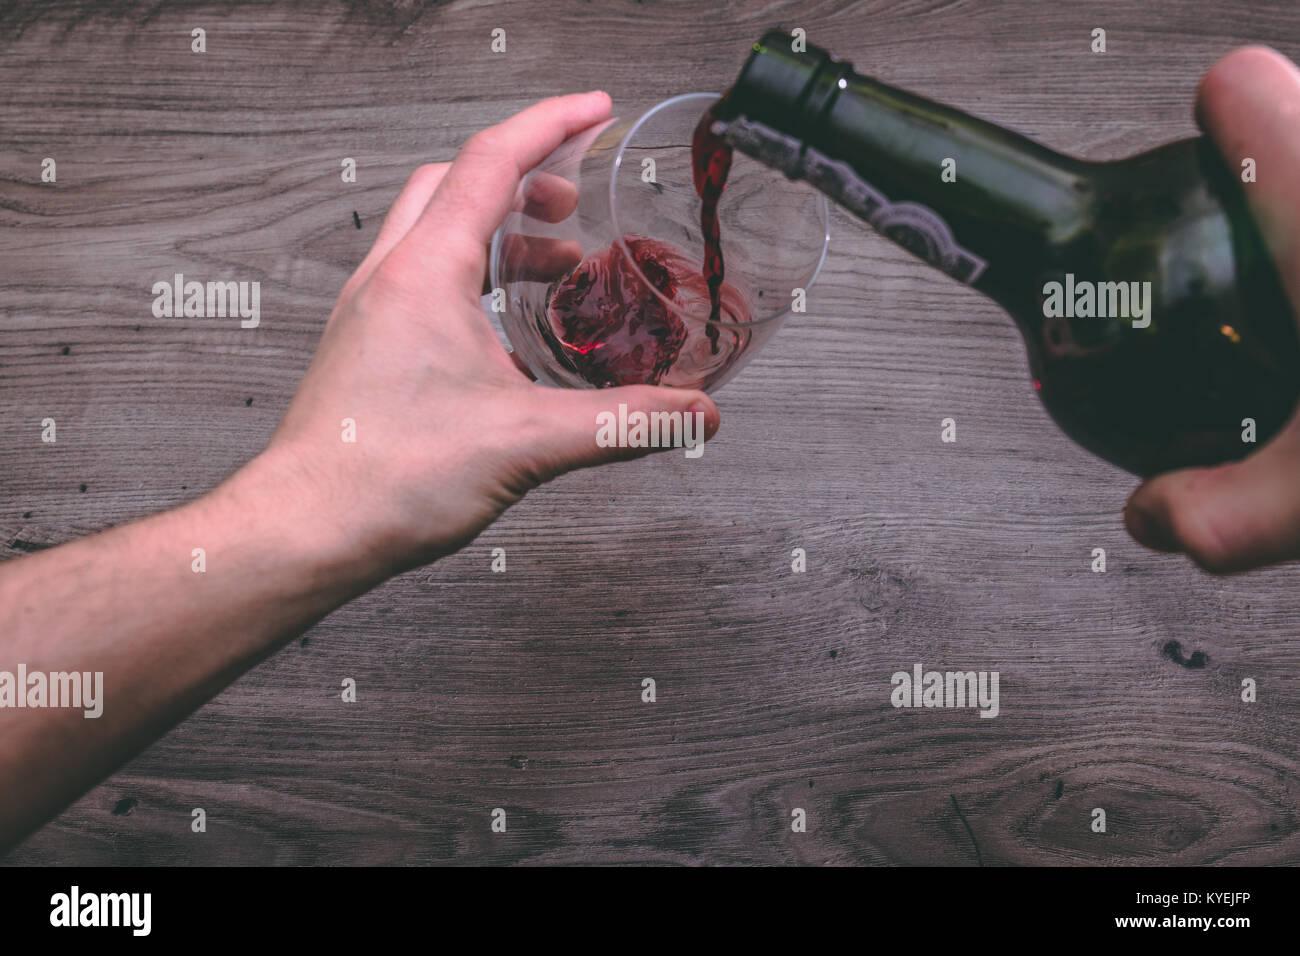 Vista dalla cima di una mano che tiene un vino rosso bottiglia e versarla in un bicchiere Immagini Stock